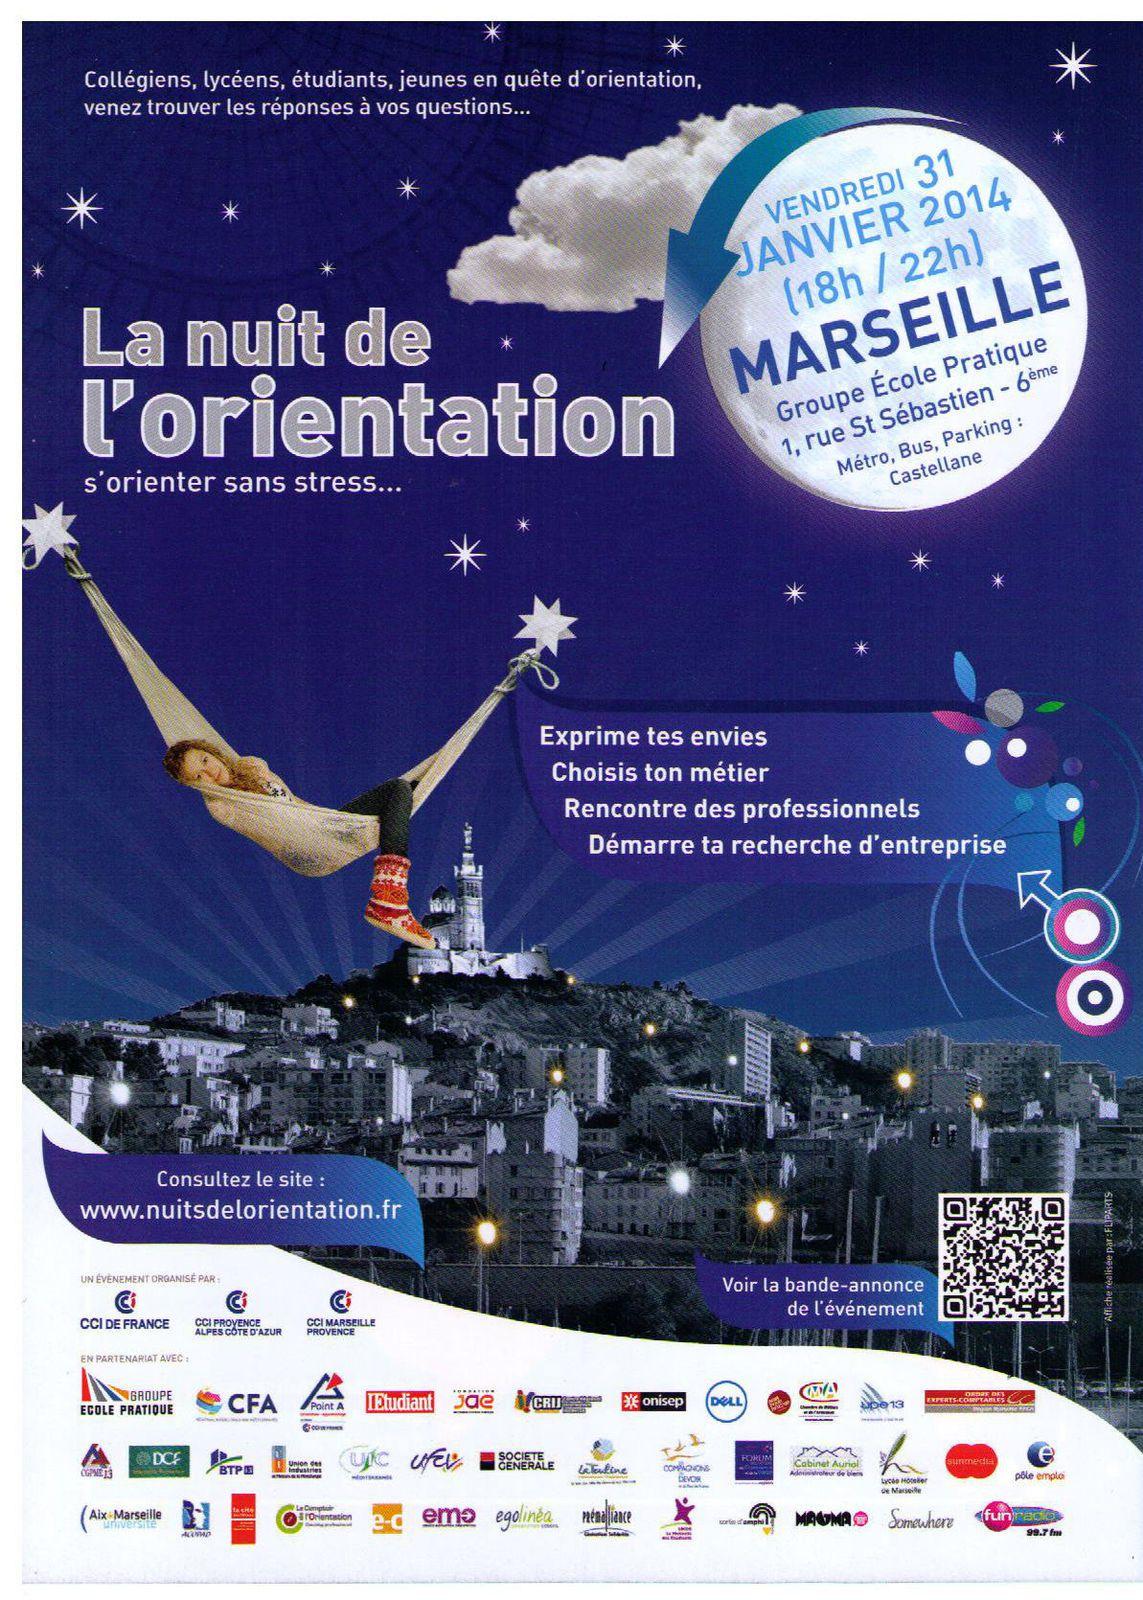 Nuit de l'Orientation Professionnelle, Marseille 31/01/2014